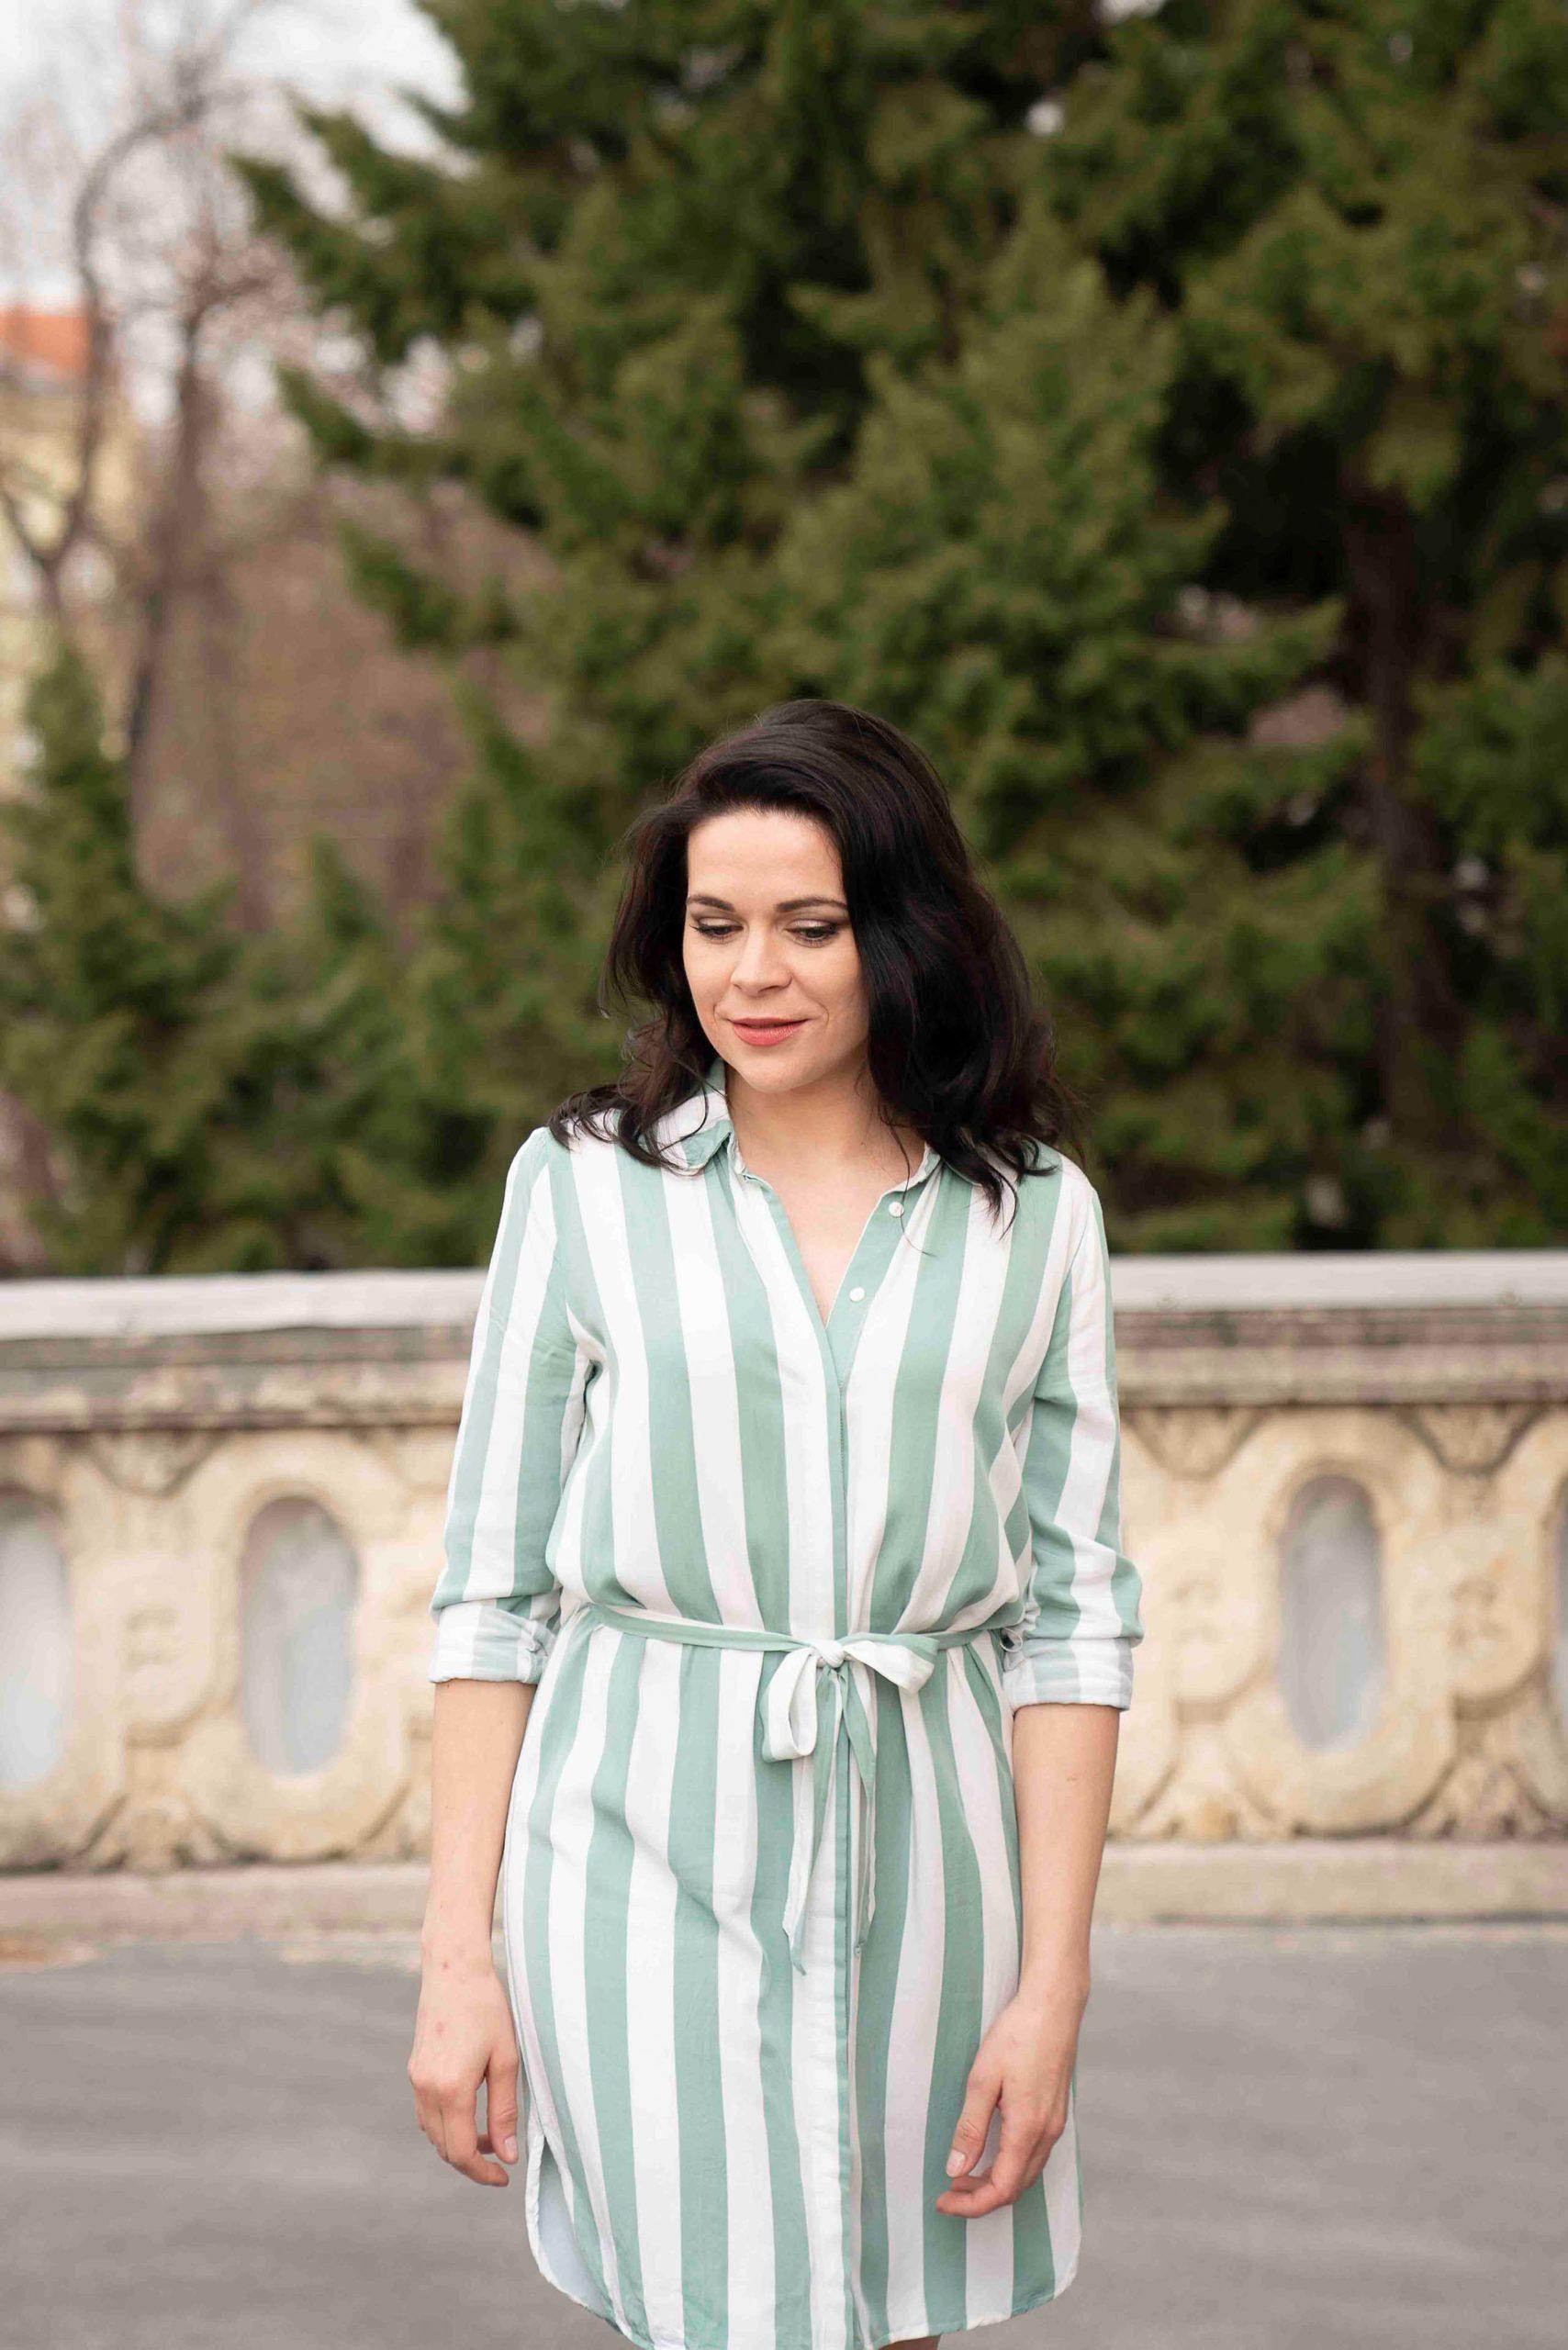 Aufnahme von Sieglinde Feldhofer in grün gestreiftem Kleid vor der Grazer Oper © Sara Sera